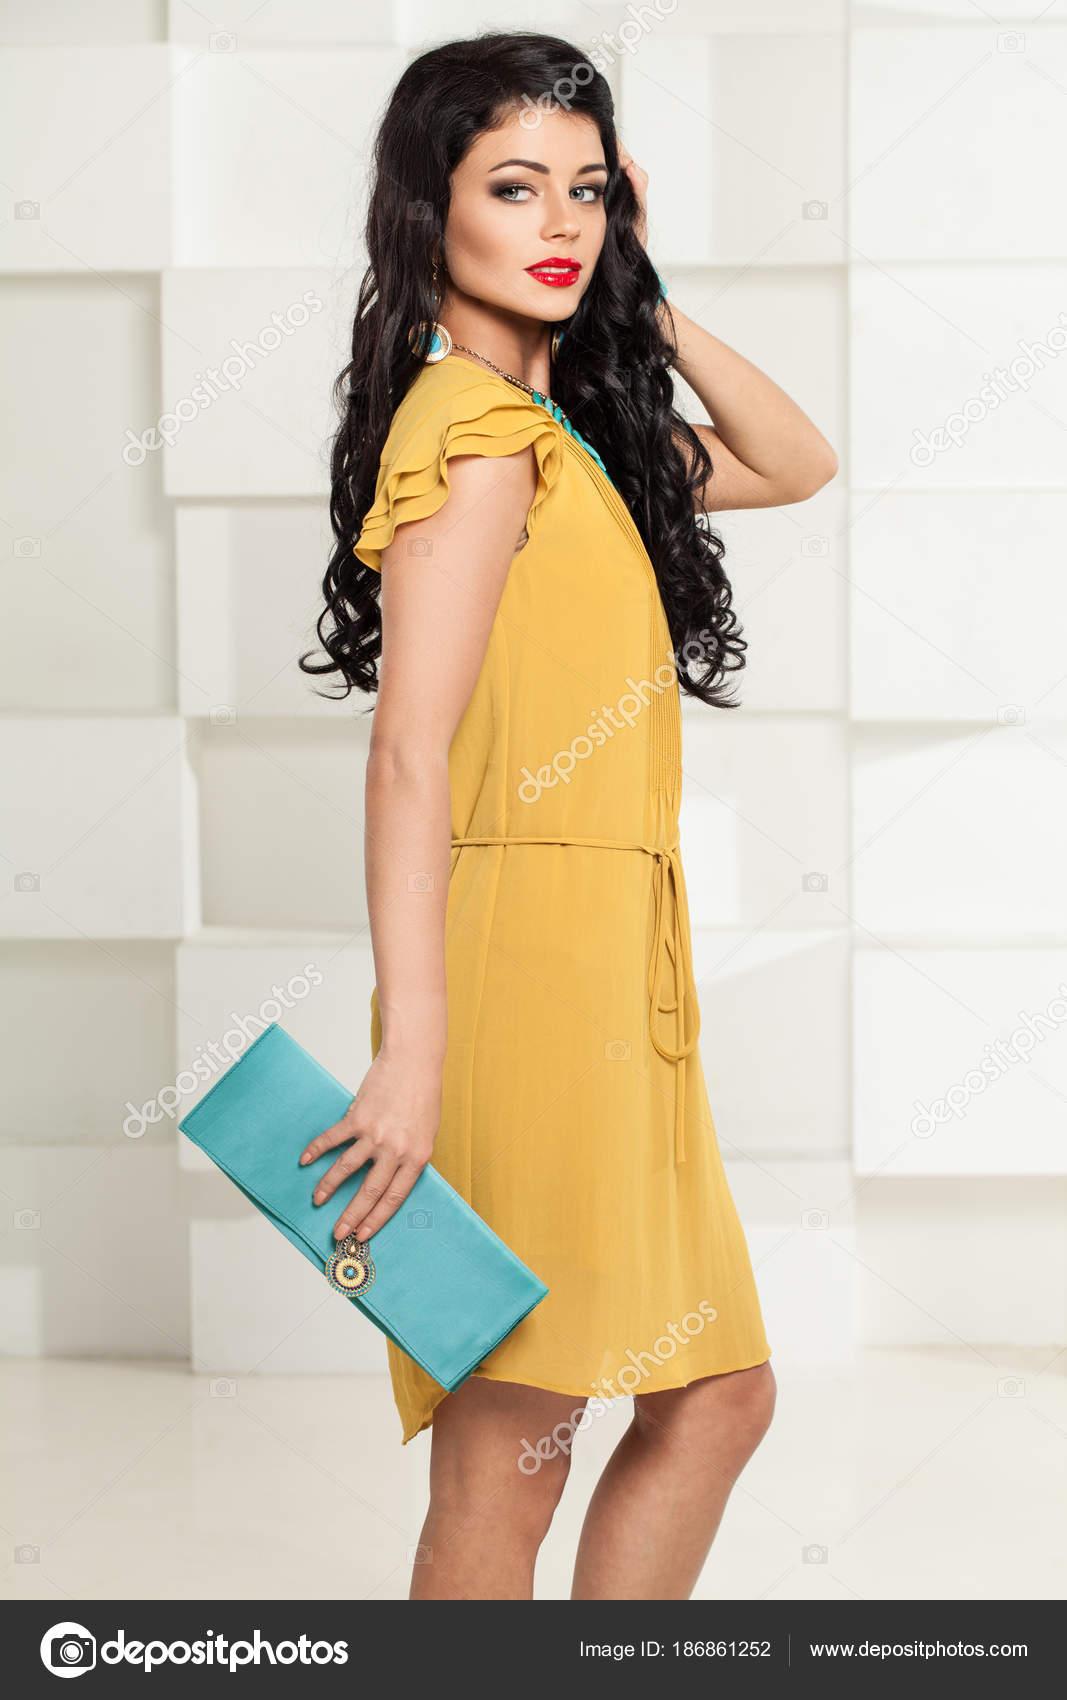 65237d3d6e3a Donna sorridente del Brunette in vestito giallo alla moda e borsa blu–  immagine stock